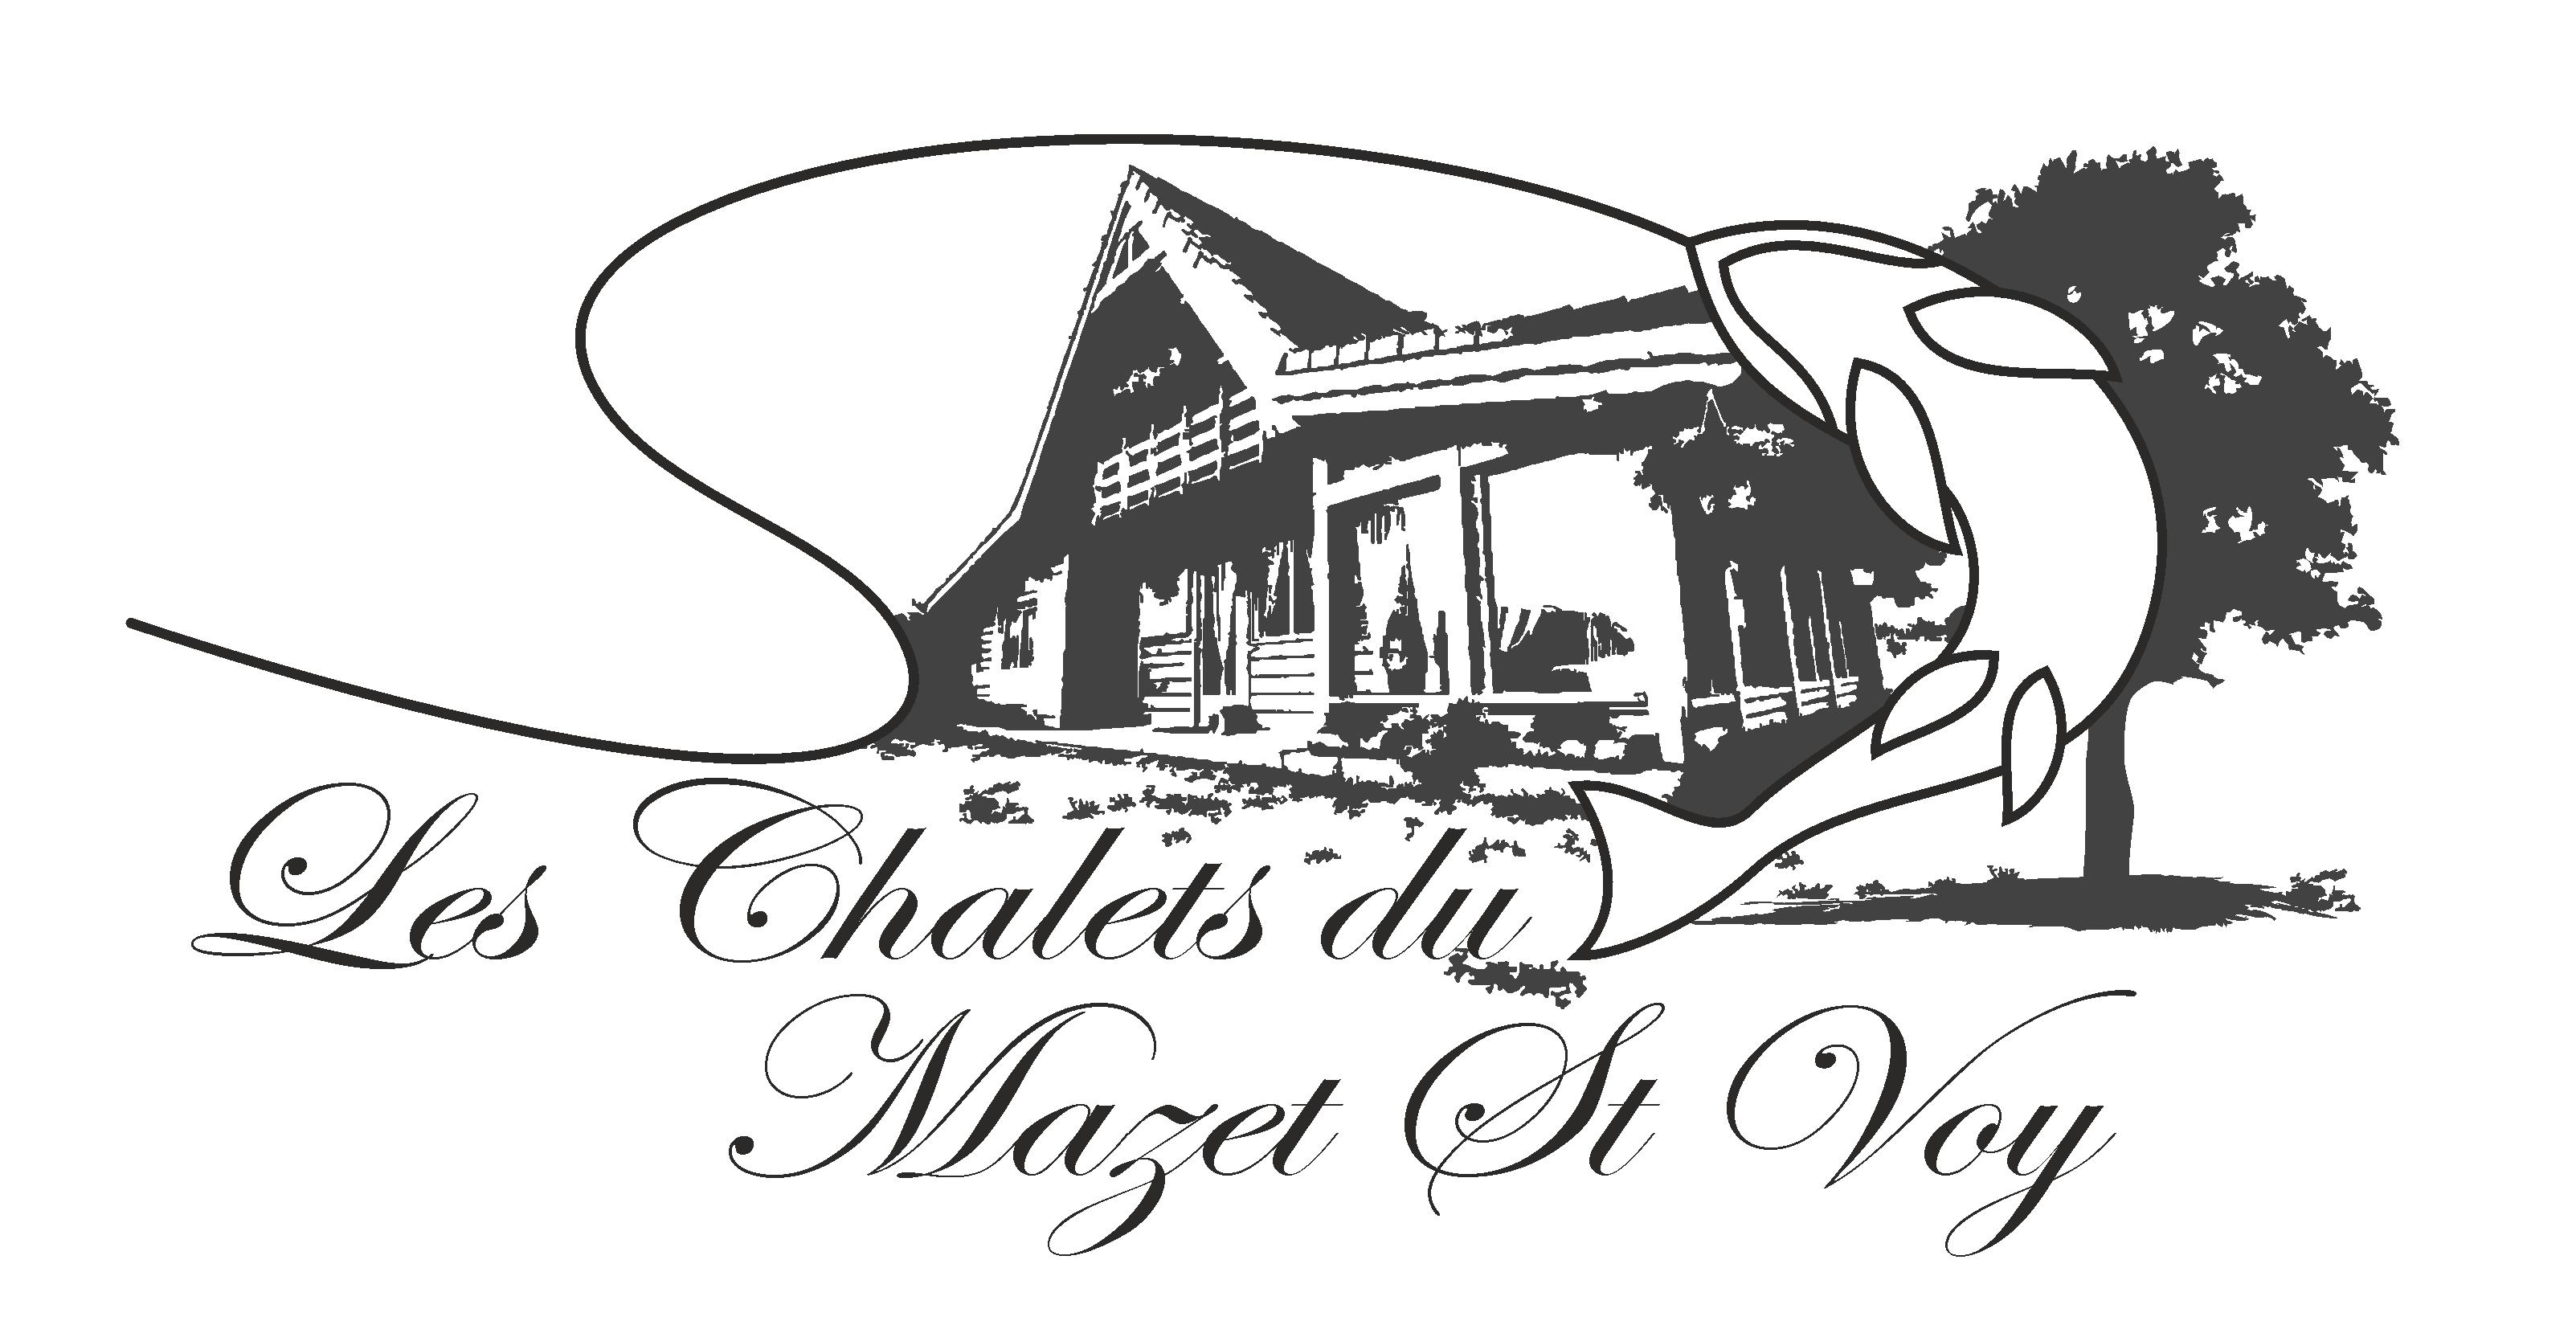 Les Chalets Du Mazet Saint Voy